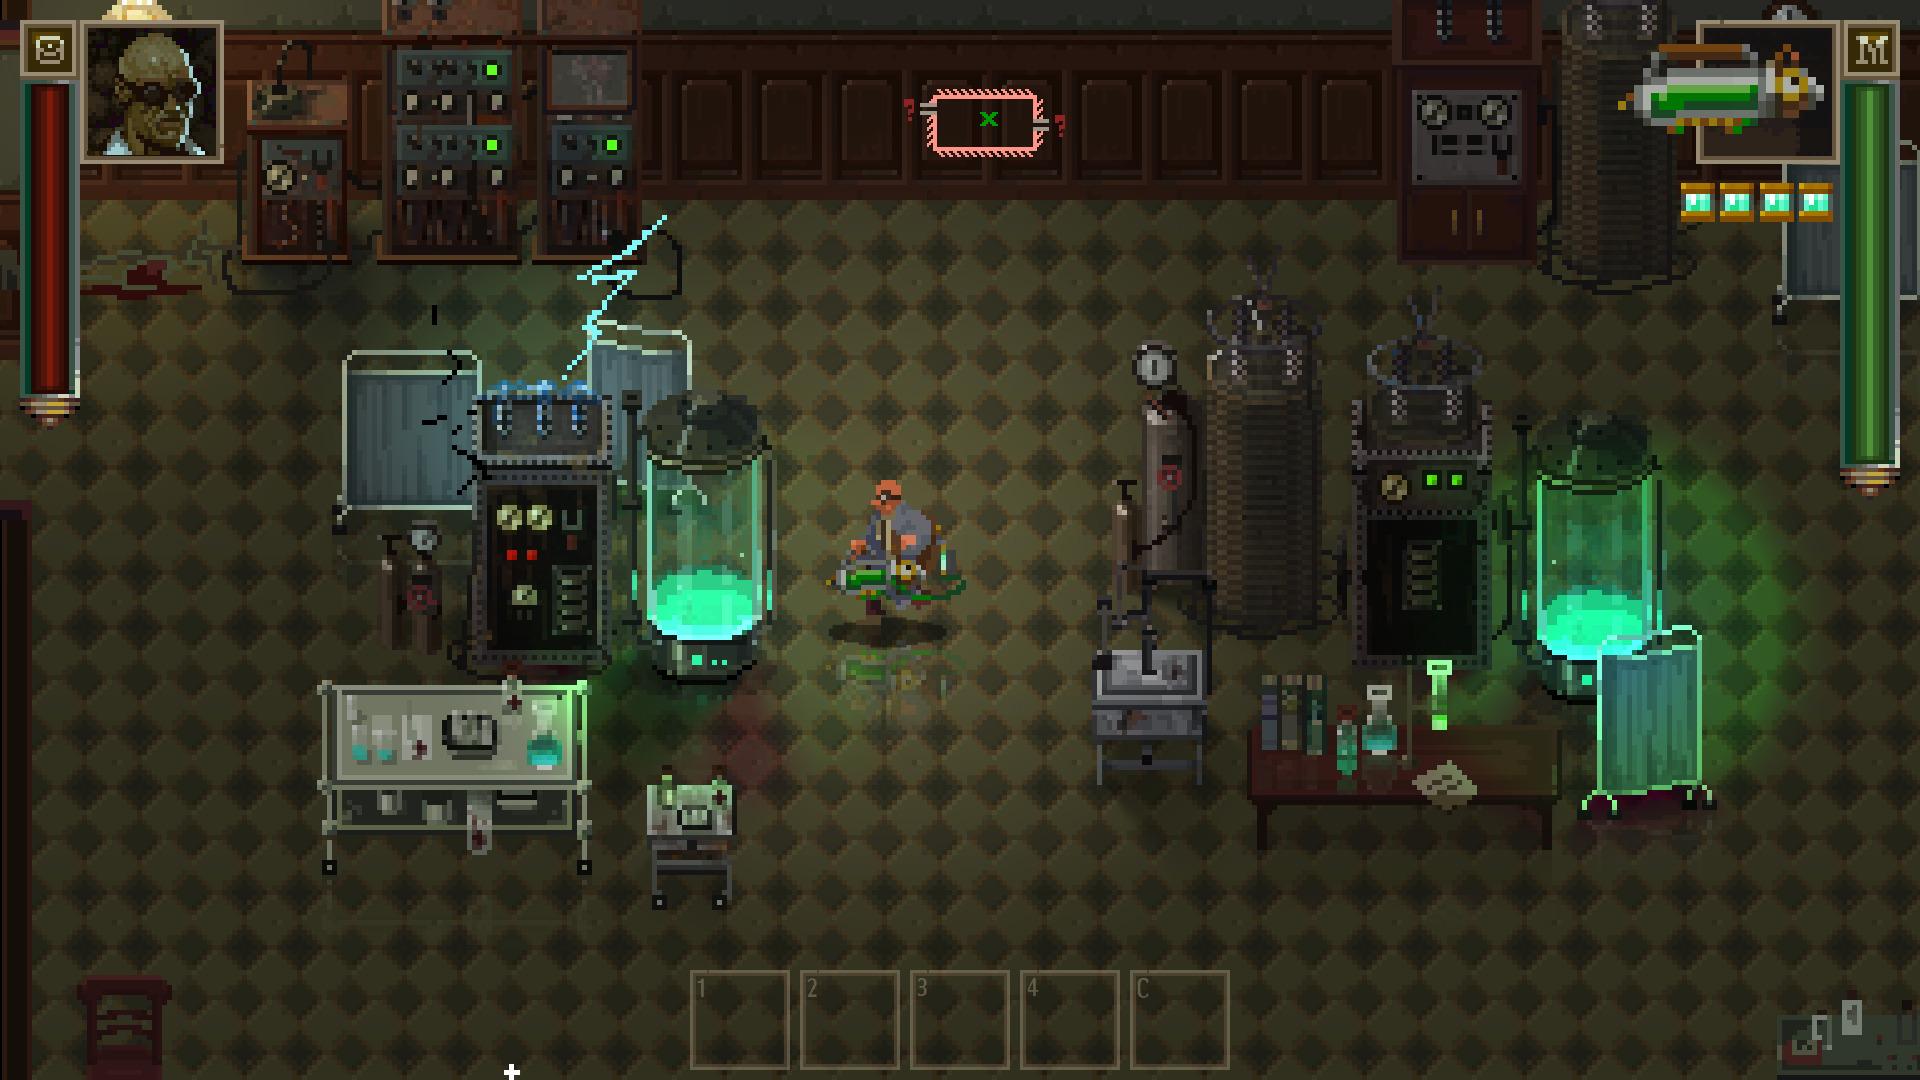 Lovecraft's Untold Stories screenshot 1